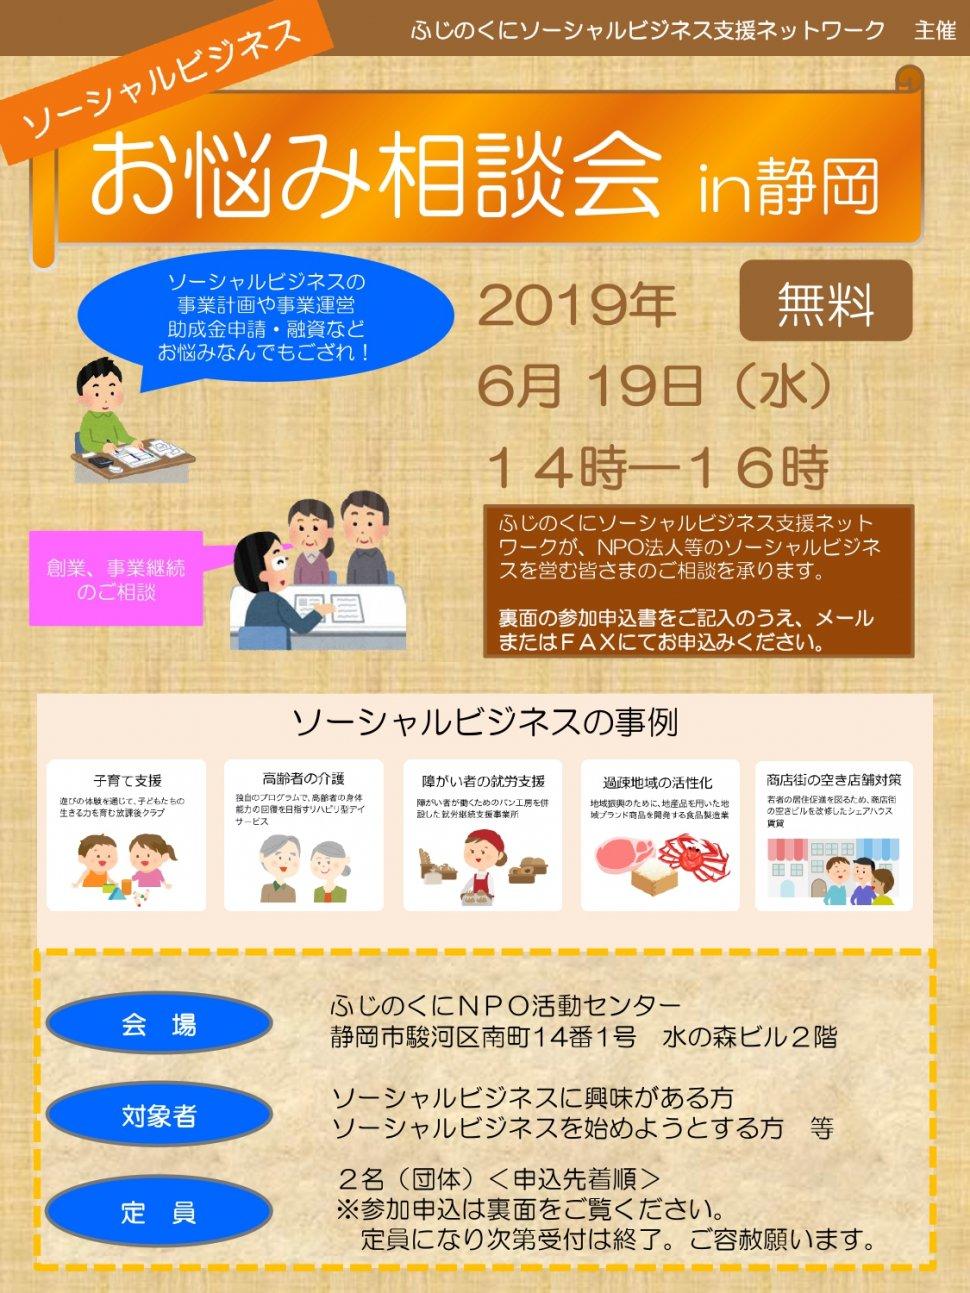 平成31年度第2回資金相談会案内(2019.6.19)チラシ